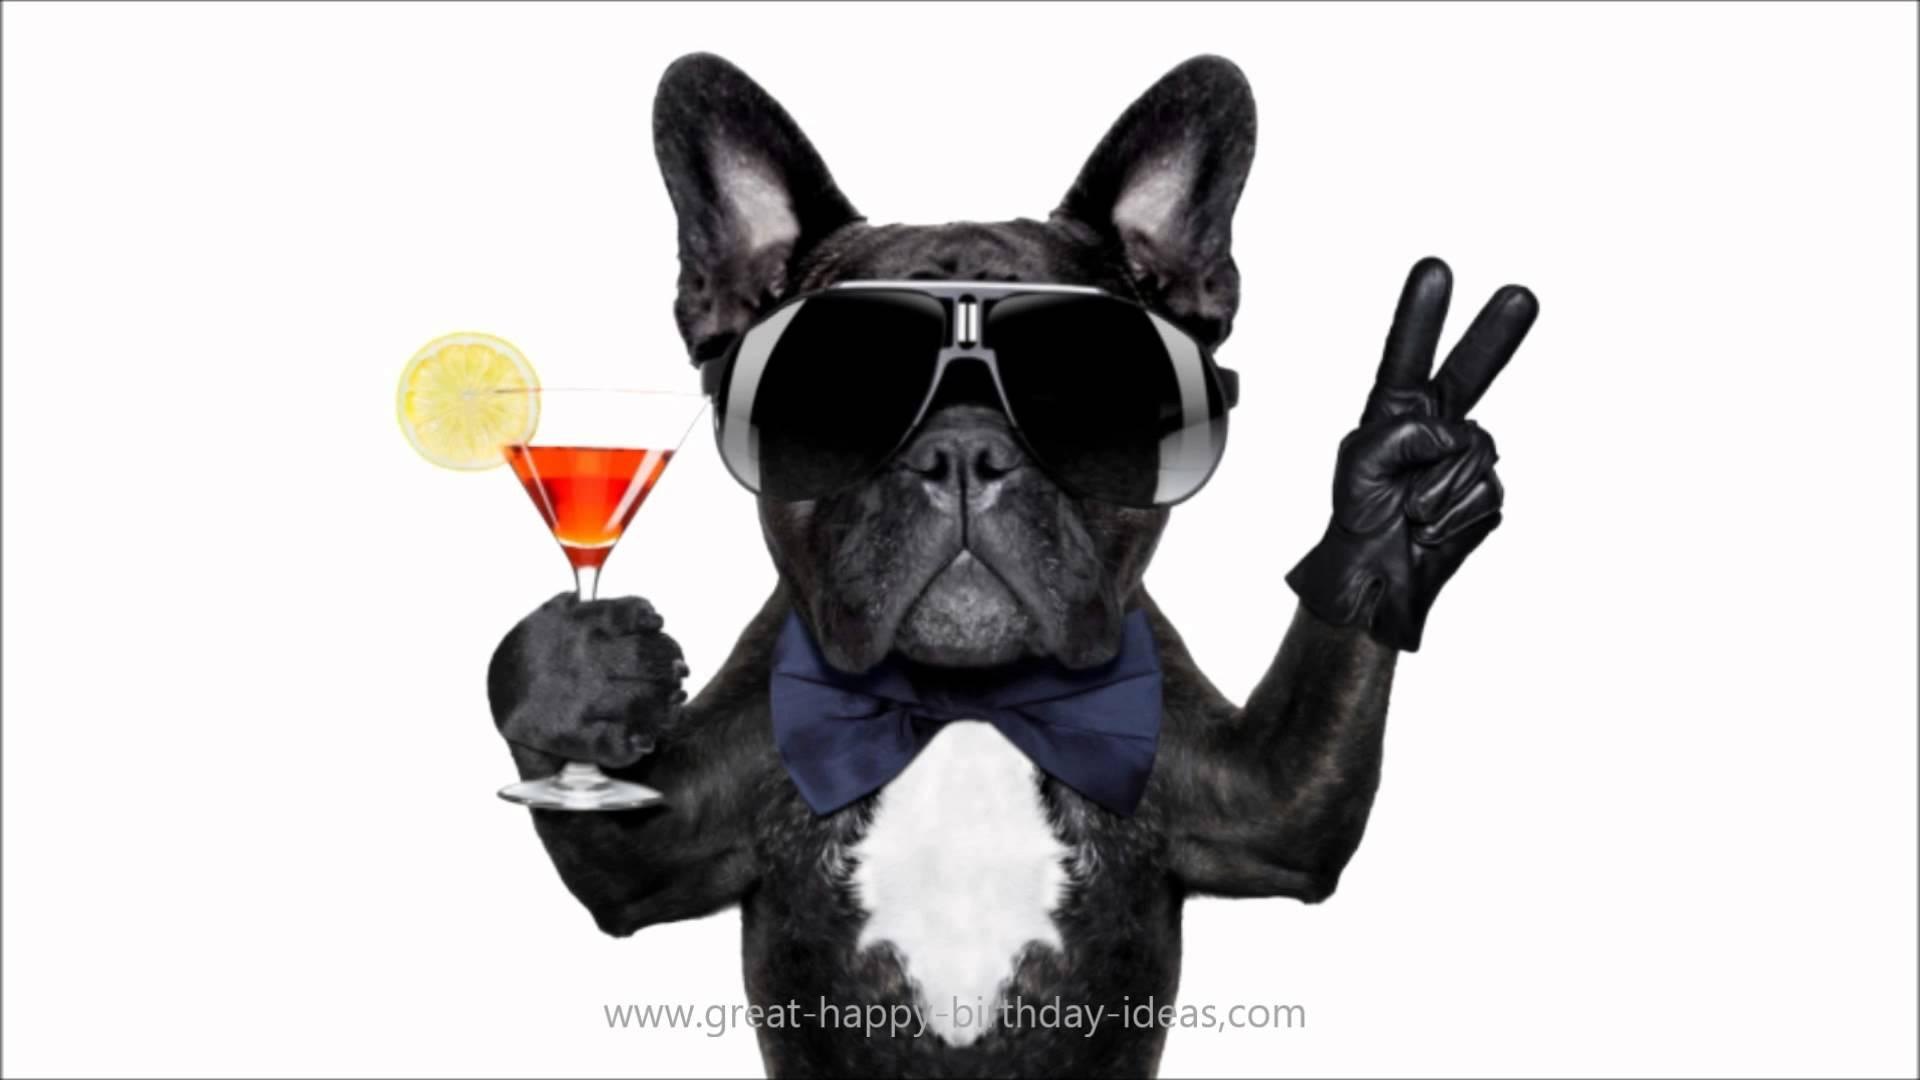 Best ideas about Happy Birthday Video Funny . Save or Pin alles Gute zum Geburtstag Bilder lustig HD Now.